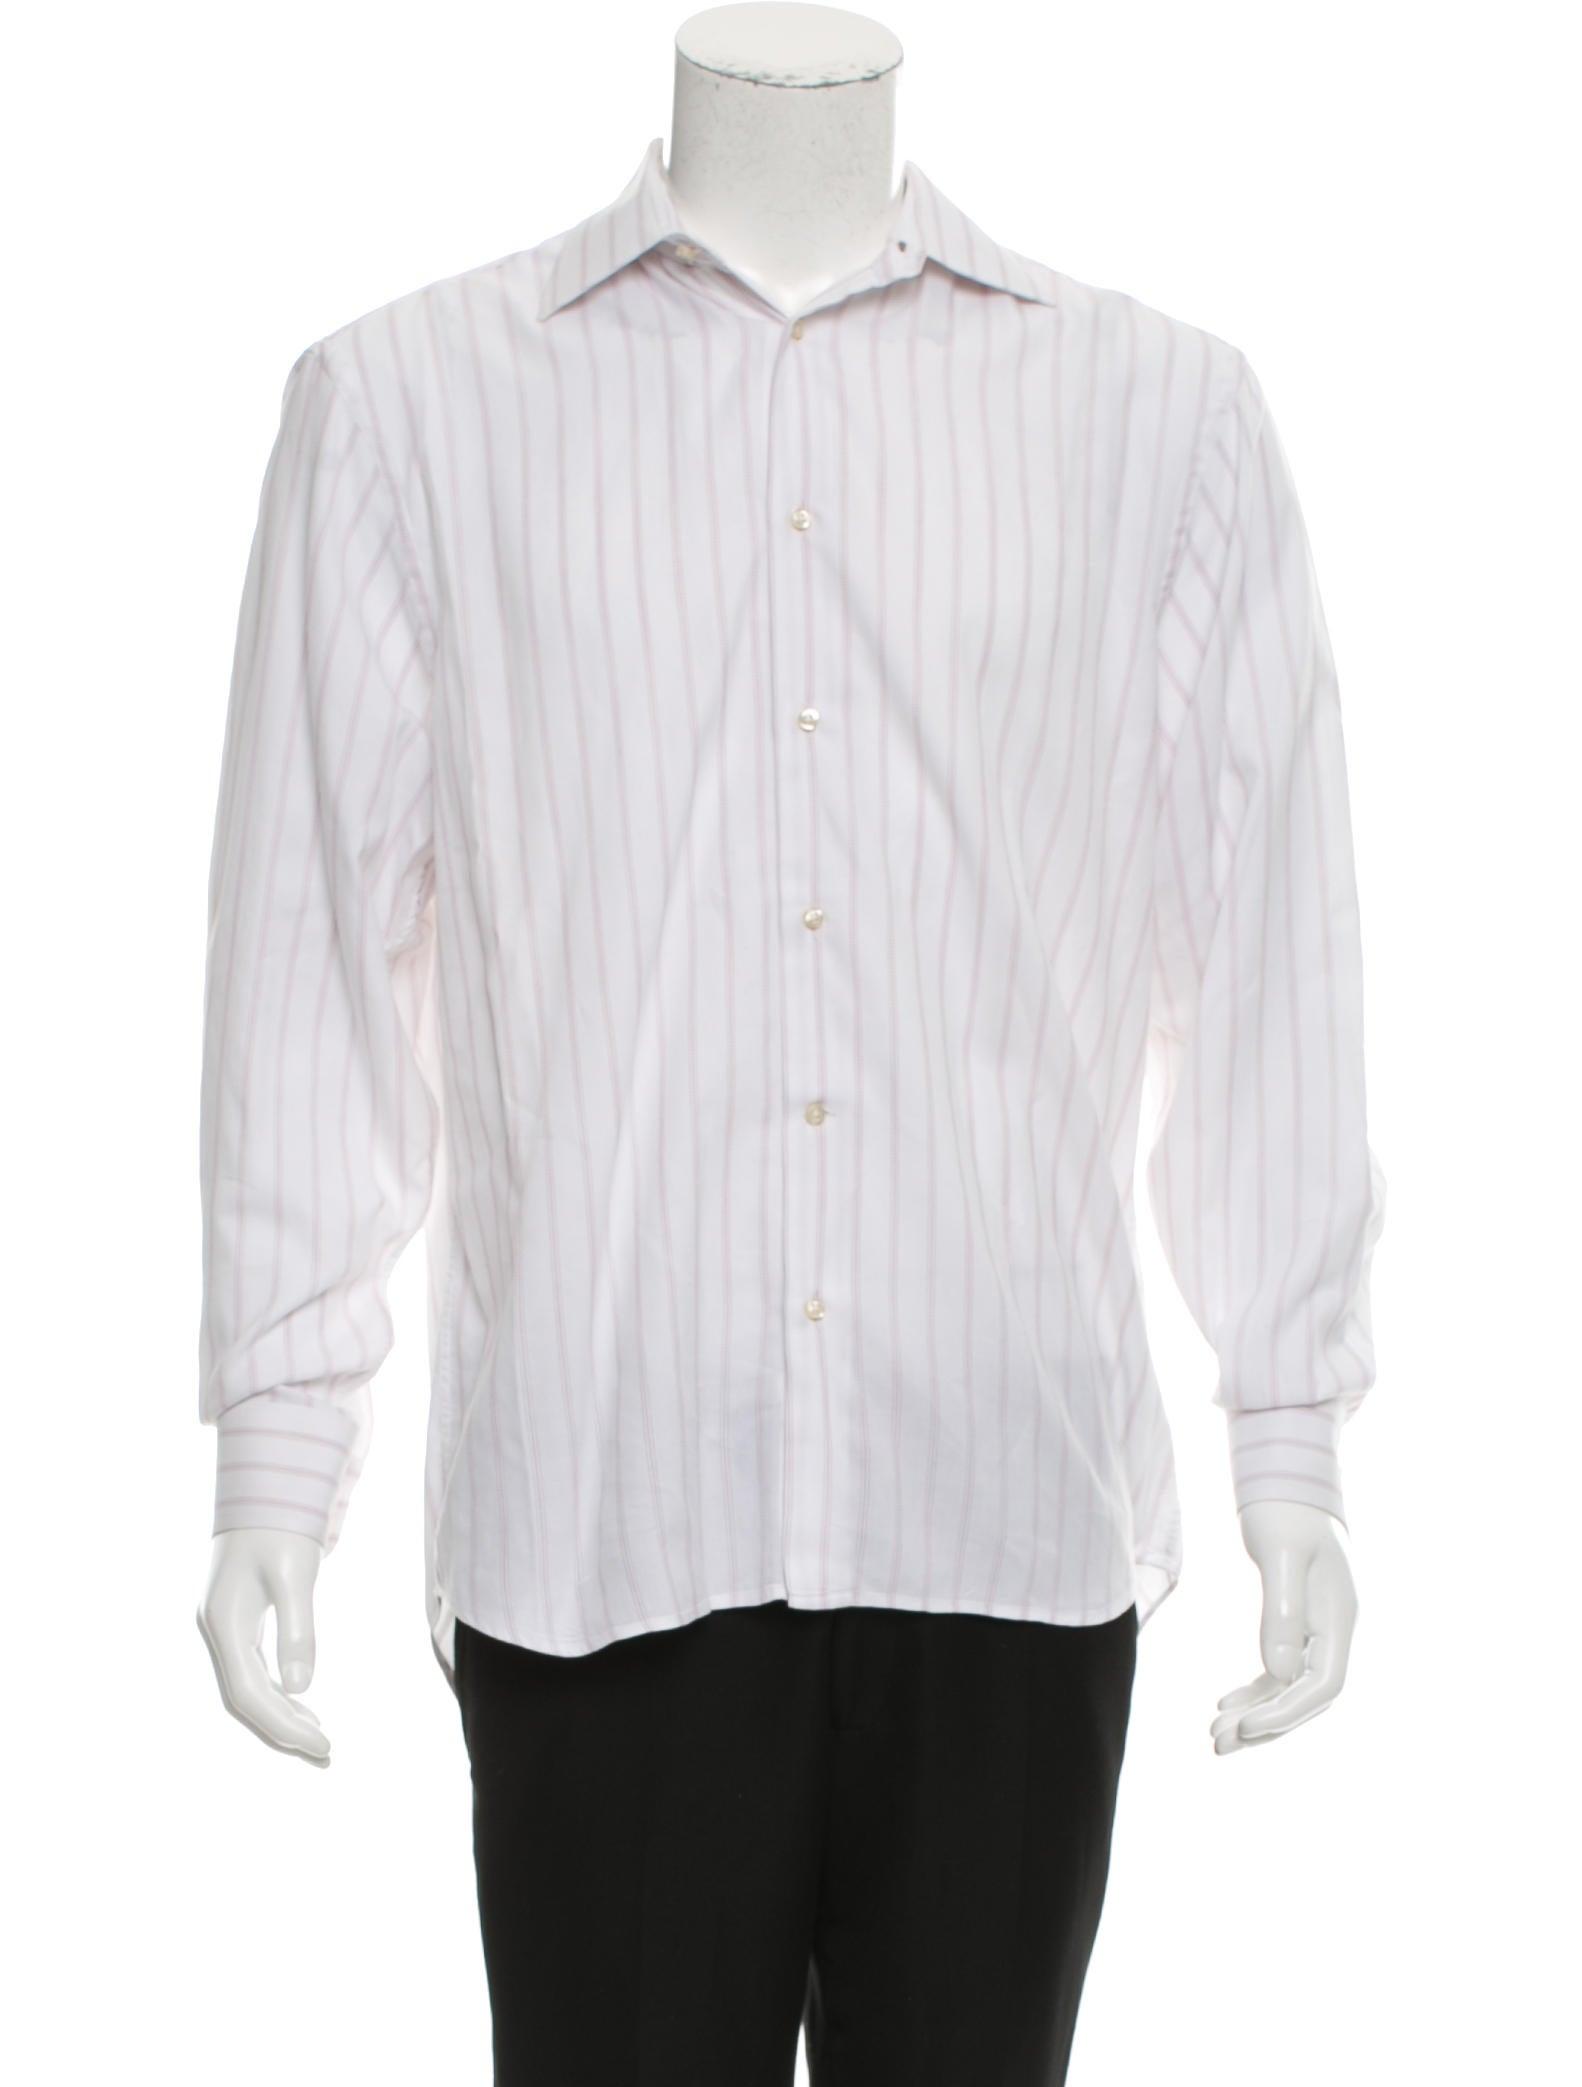 Ermenegildo zegna striped button down shirt mens shirts for Red and white striped button down shirt